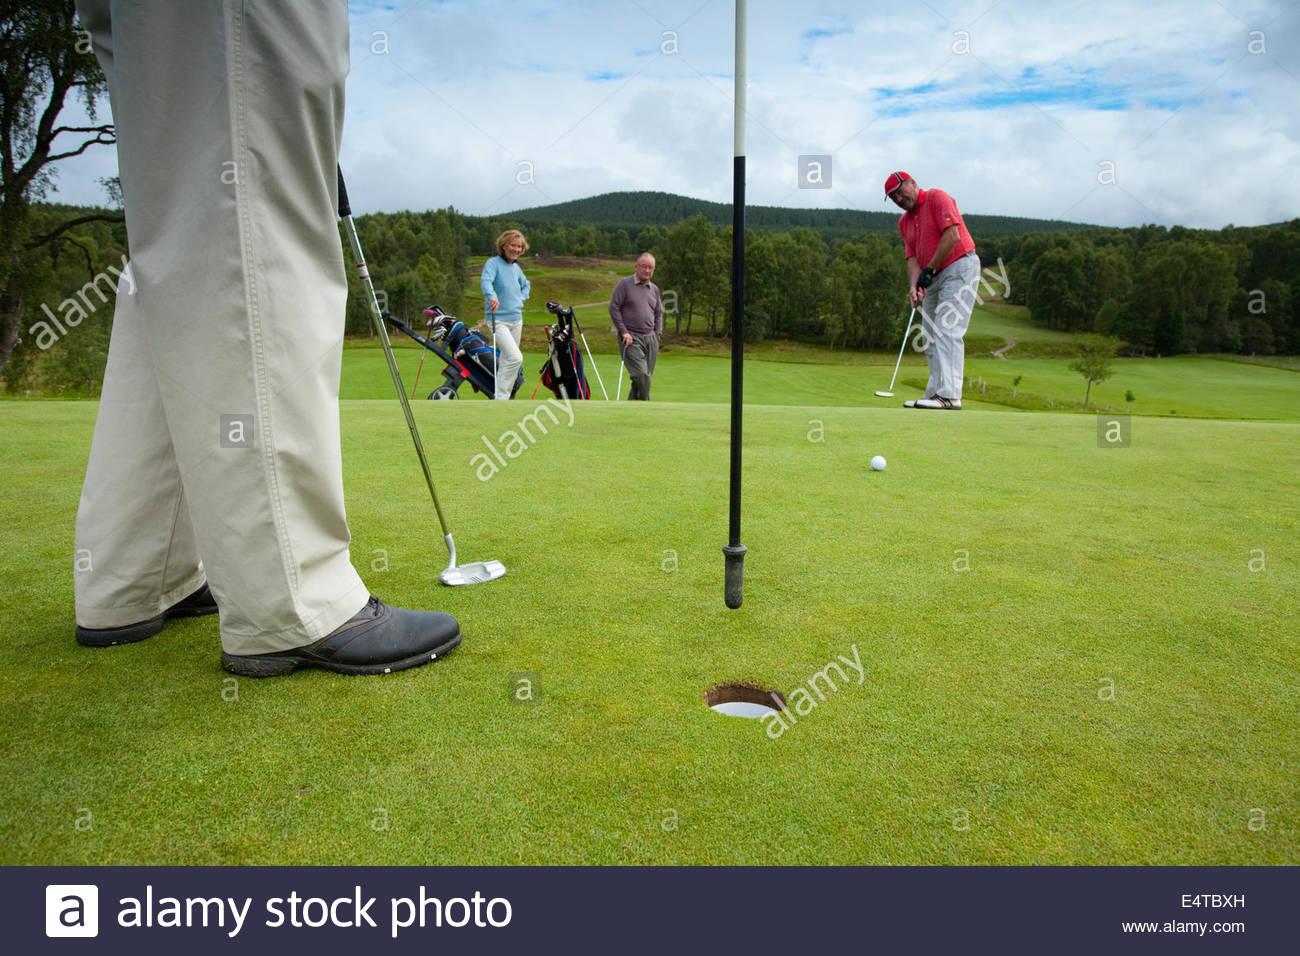 Quatre personnes jouent une partie de golf au Club de Golf Carrbridge, Parc National de Cairngorms, Highlands d'Ecosse. Photo Stock